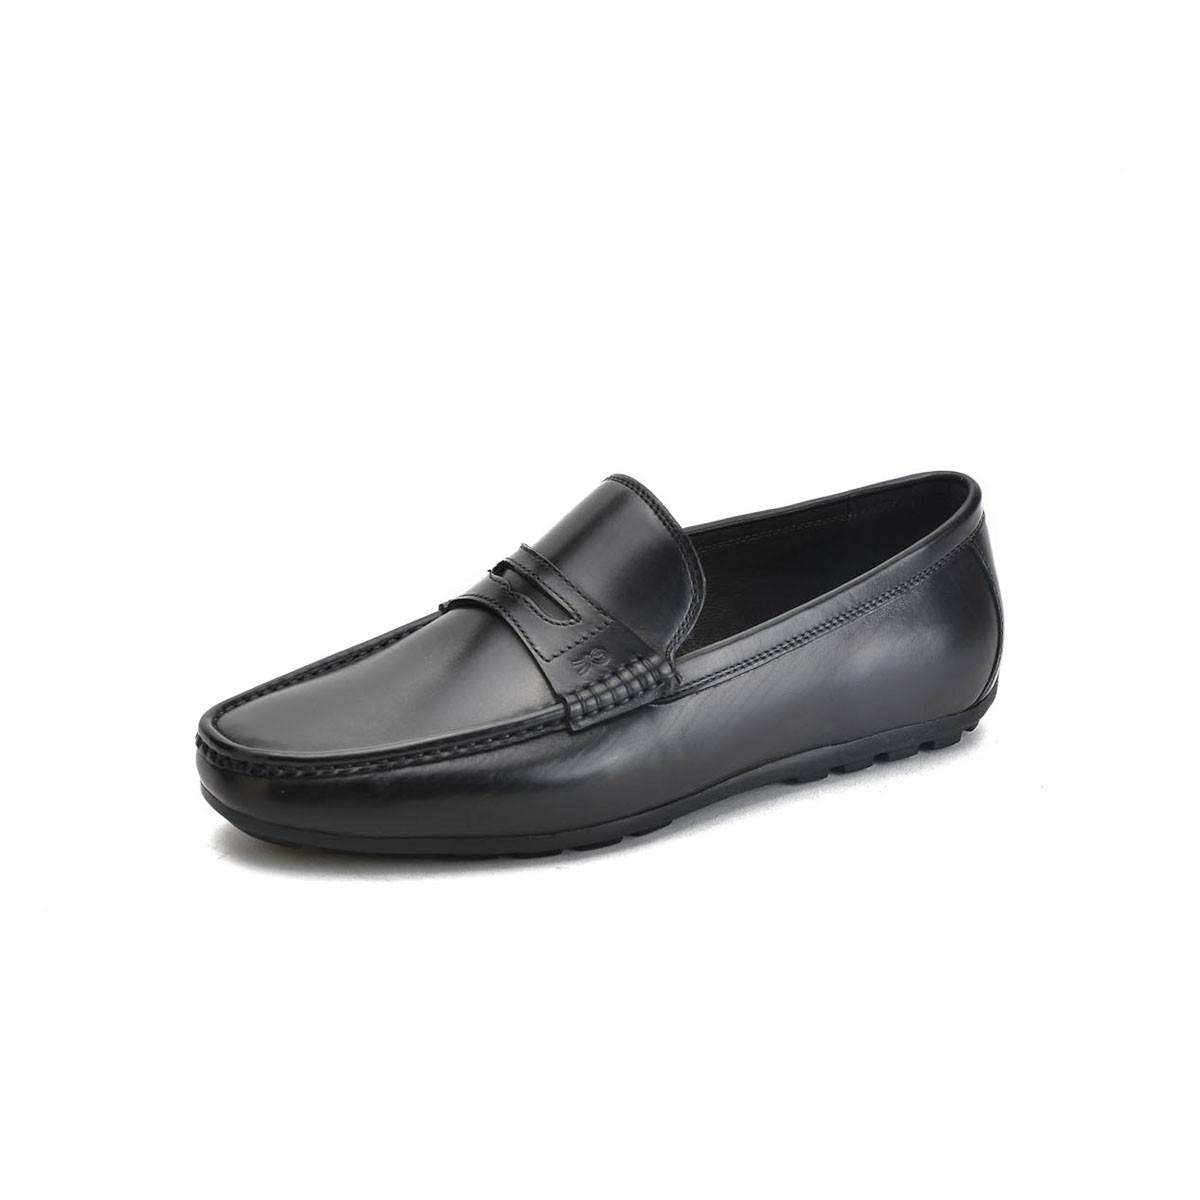 诺贝达2018新款 牛皮商务休闲鞋 超轻底一脚蹬男士皮鞋SRE33462A